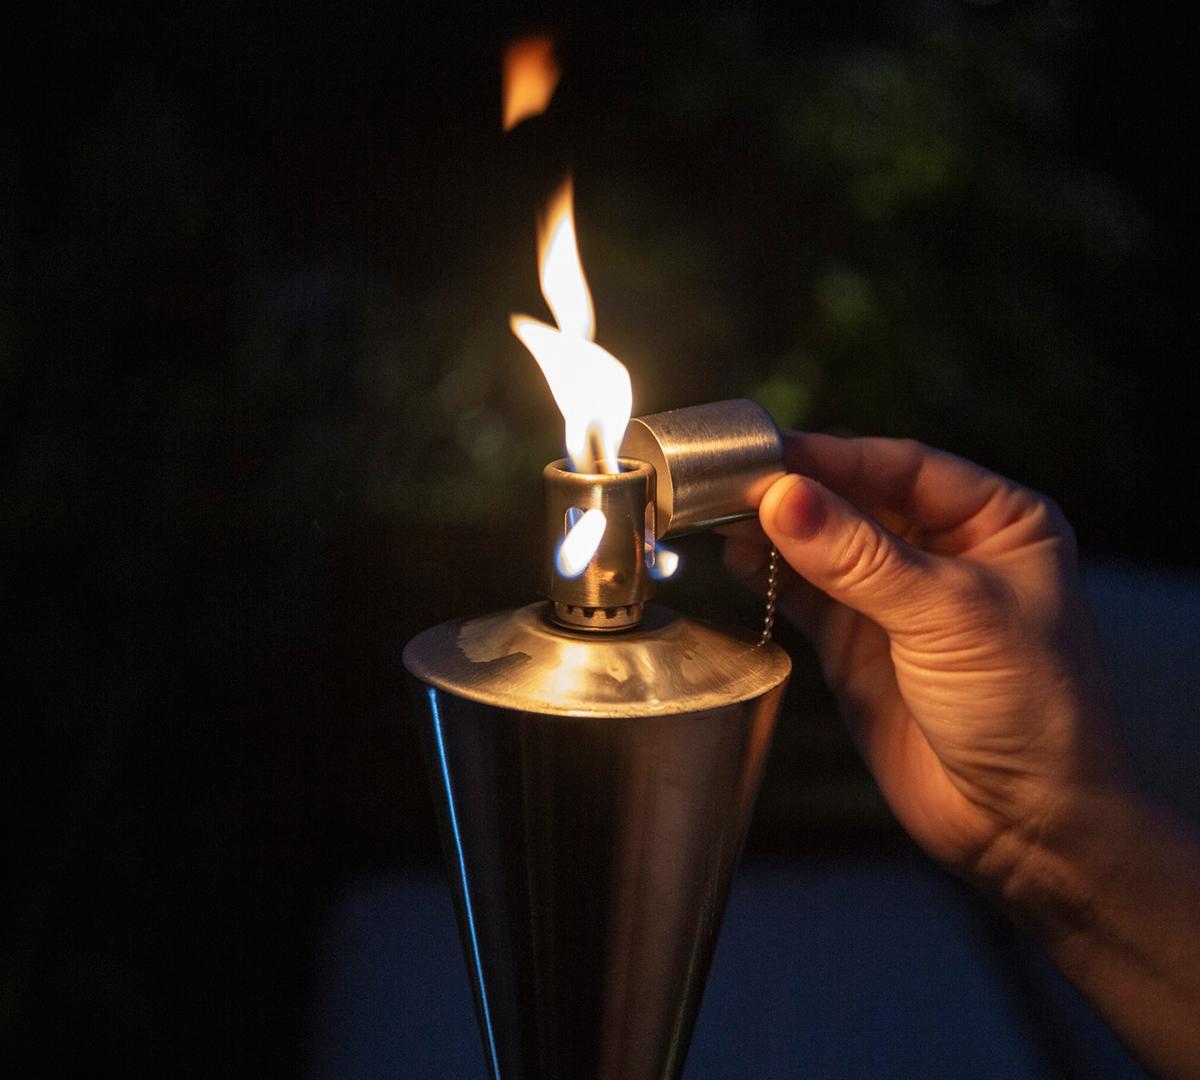 使い方は至ってシンプル。炎を消す時は、付属のキャップを被せるだけ「オイルトーチ」| エープラス